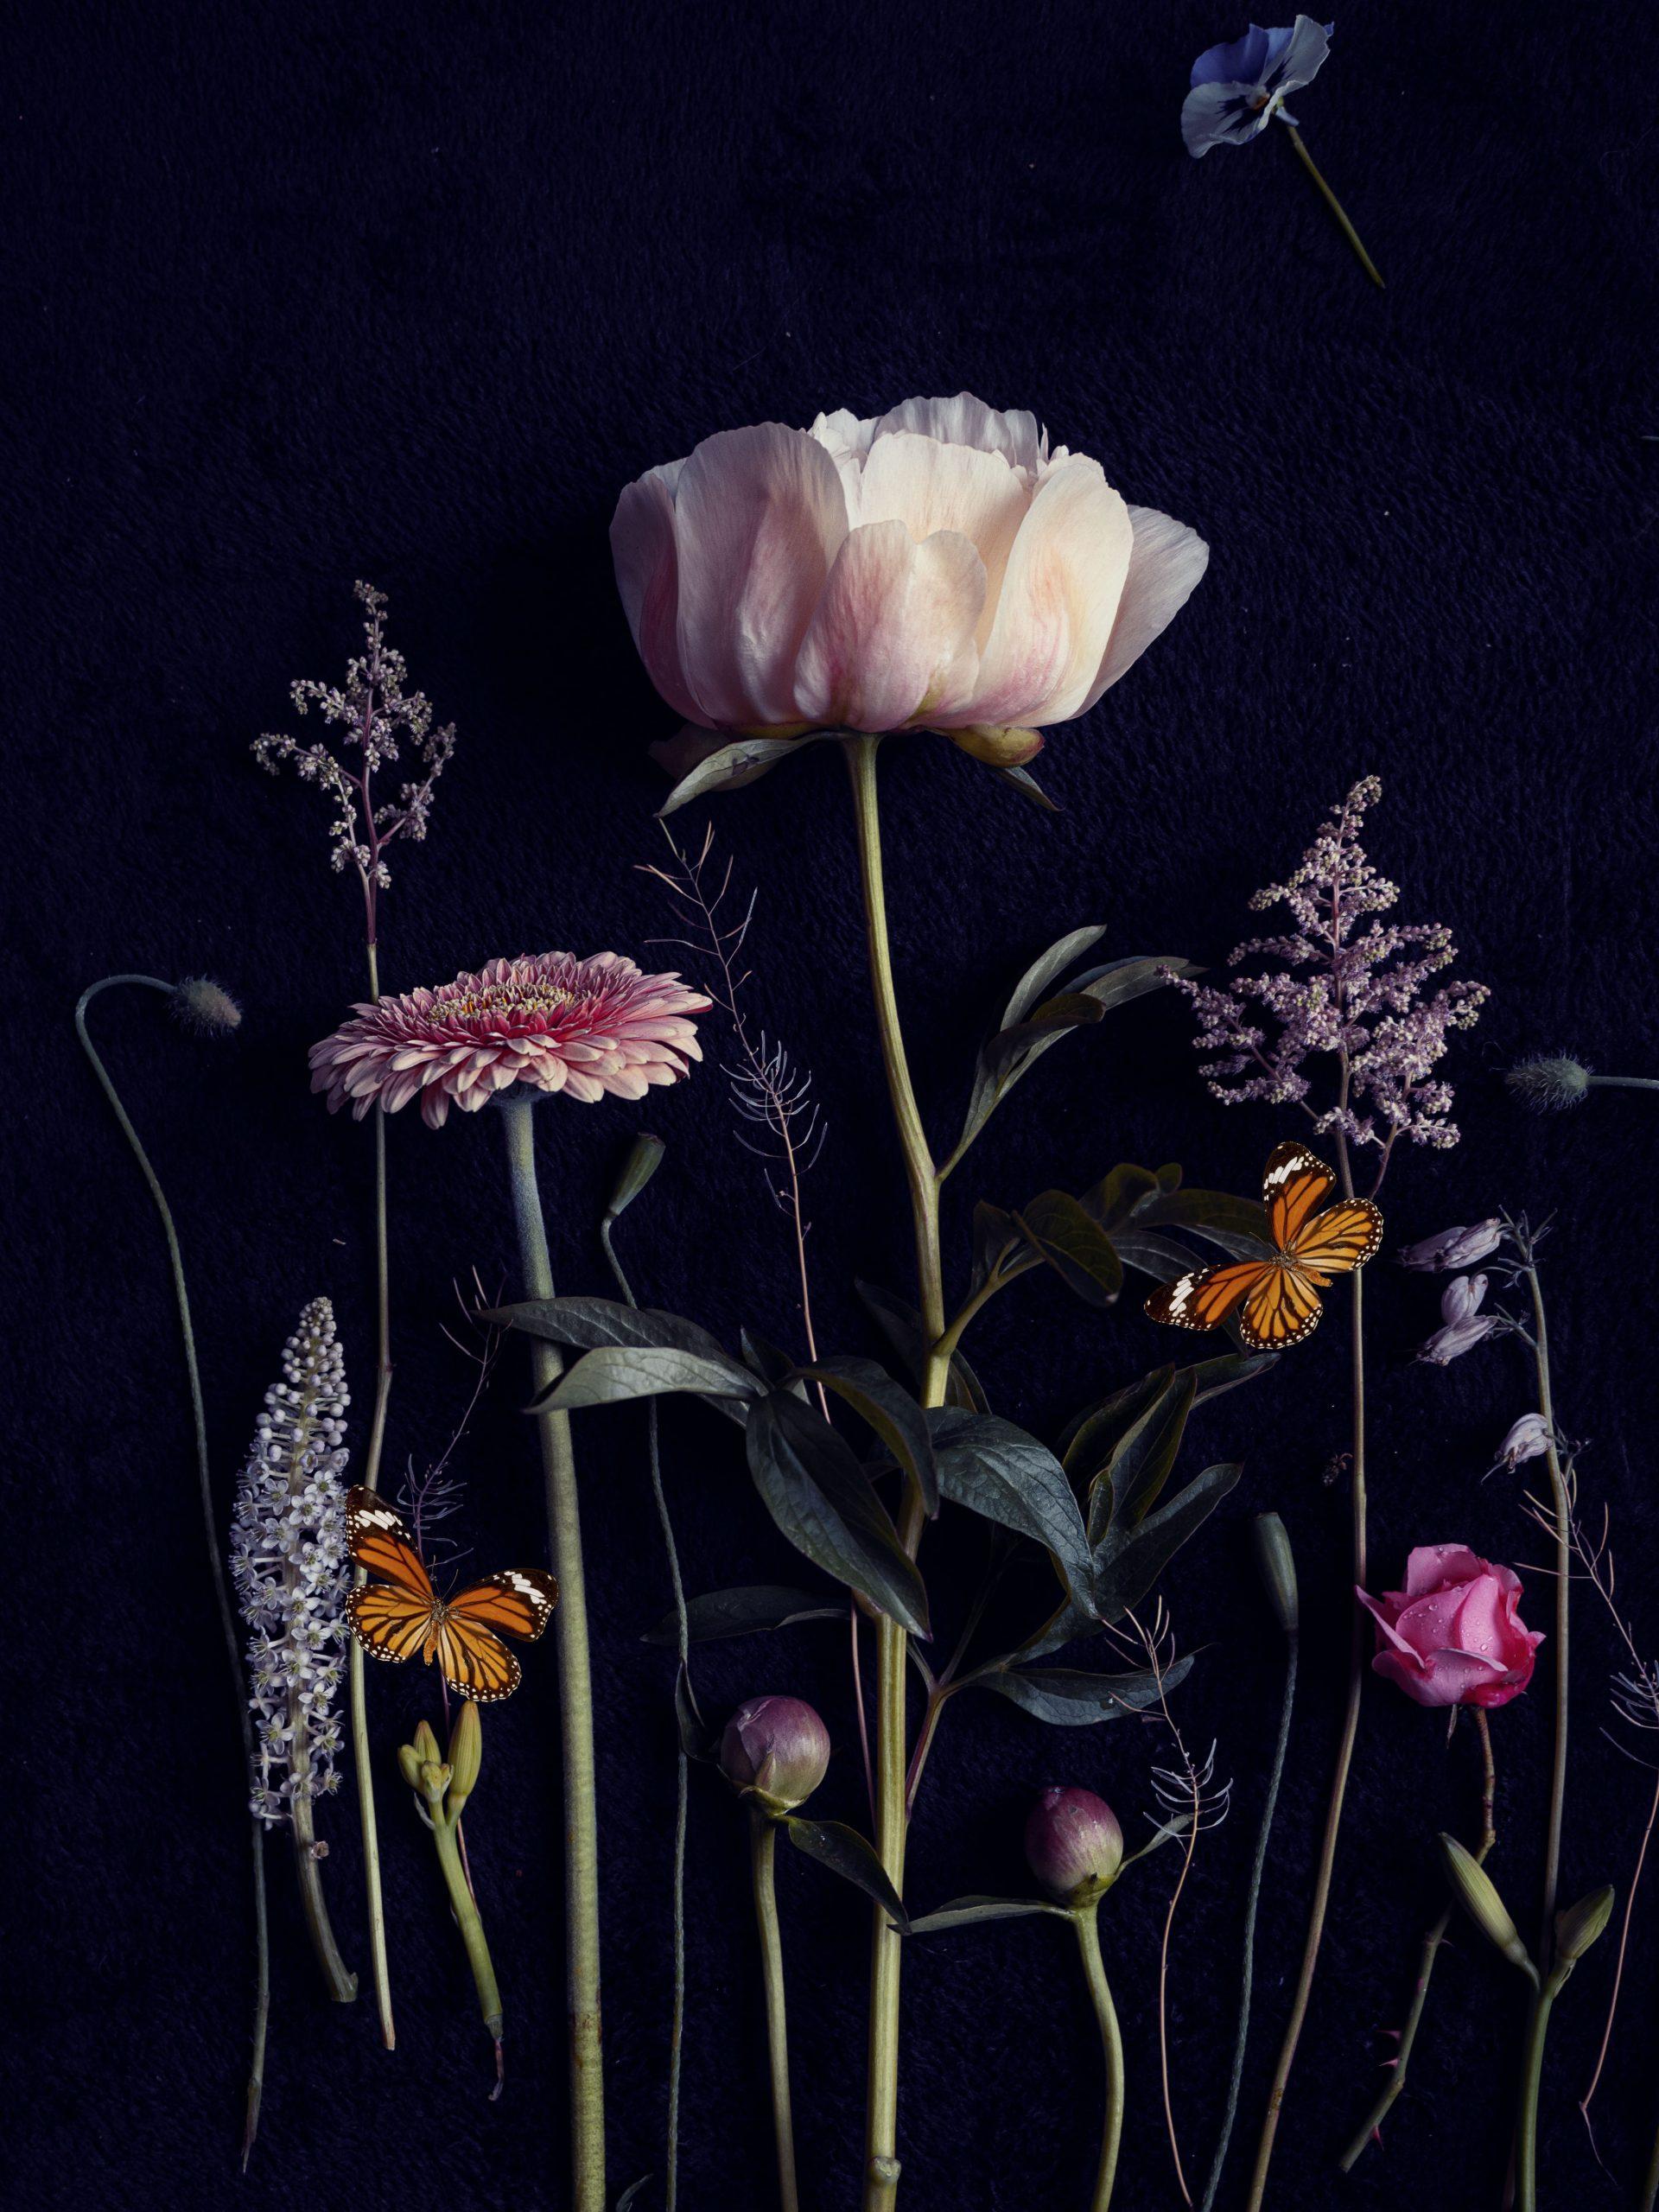 Bloemportret, Flowerportrait by InekeVJ, flatlay, stilllfe